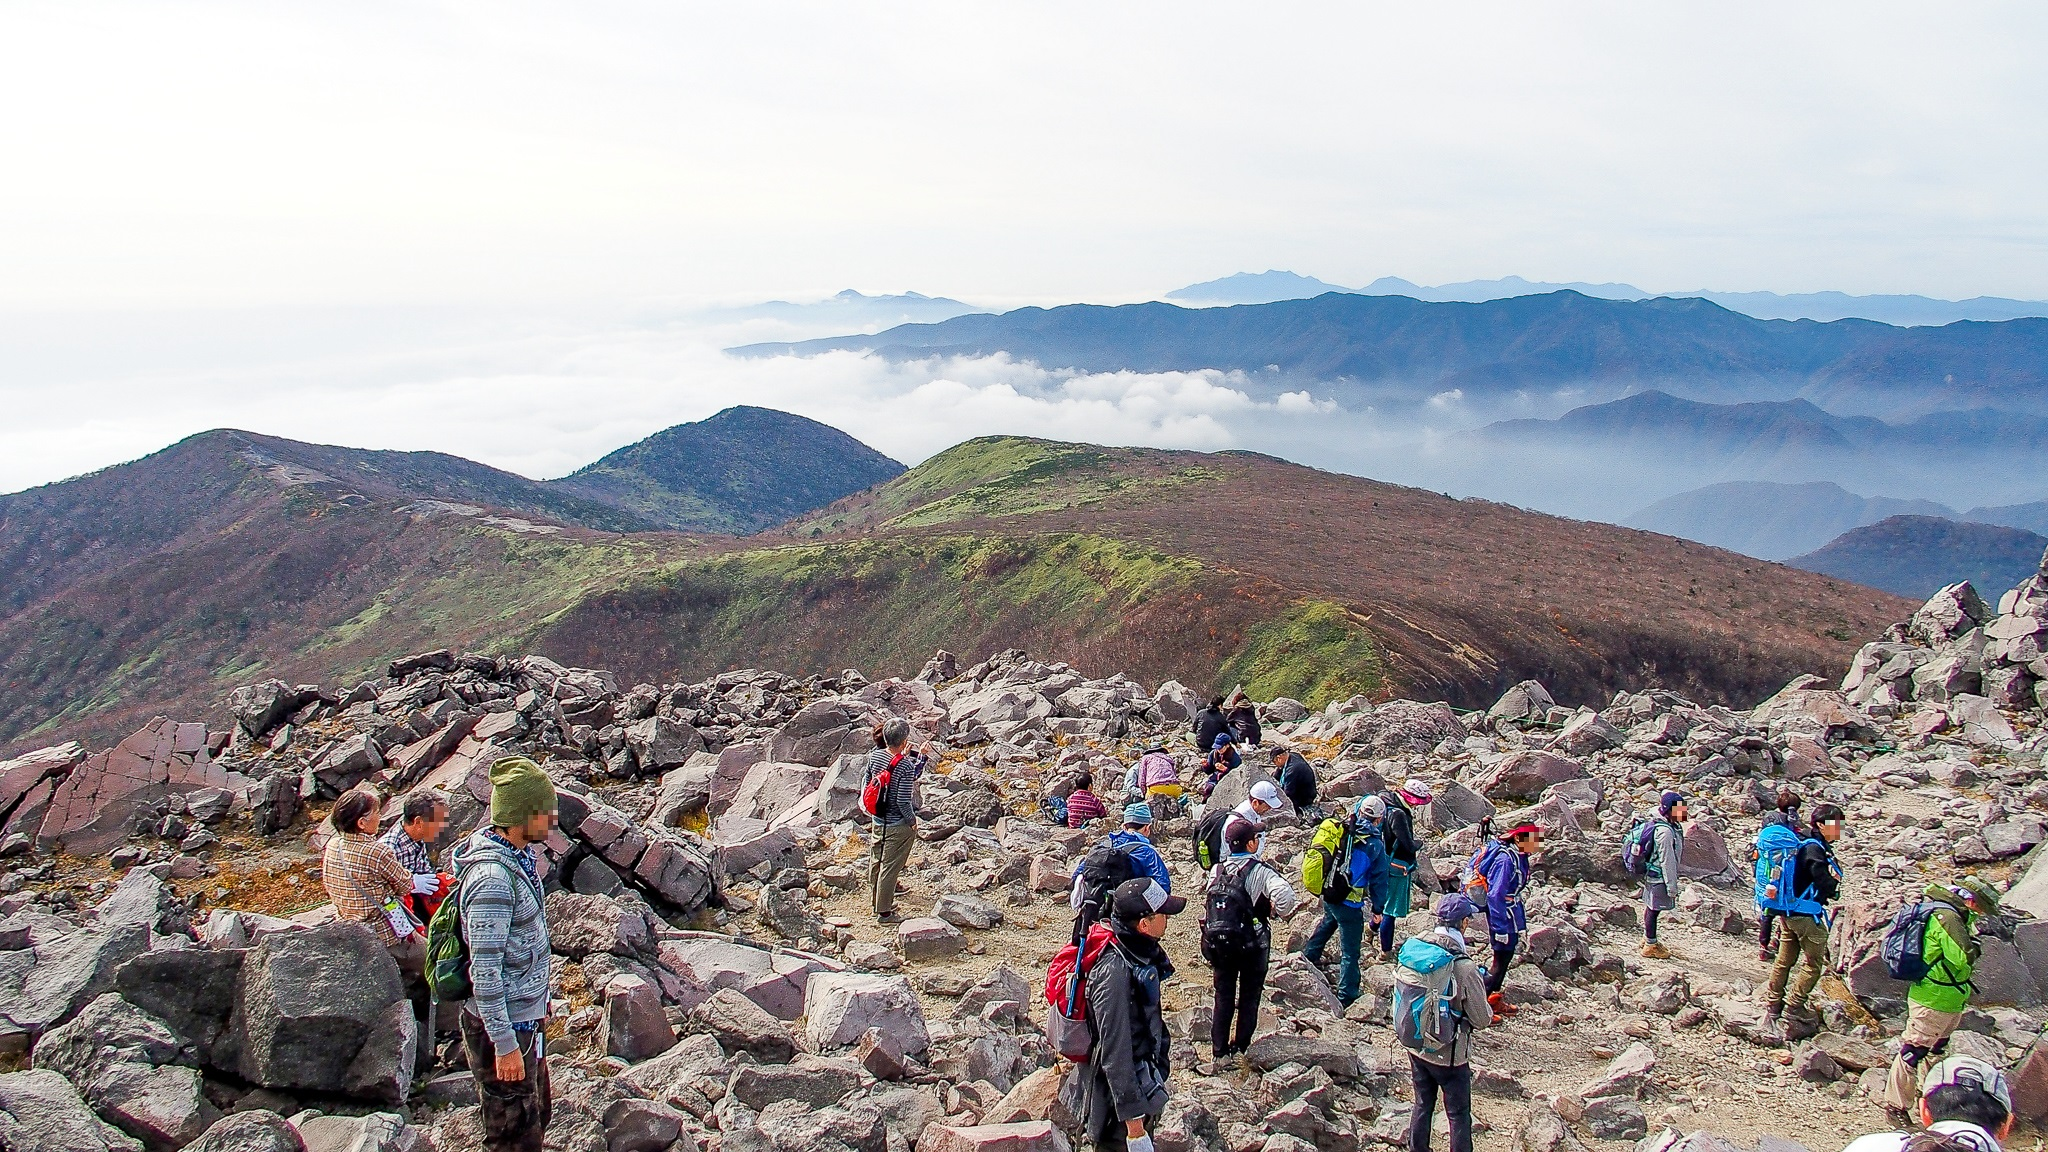 那須岳・茶臼岳山頂には人がたくさん